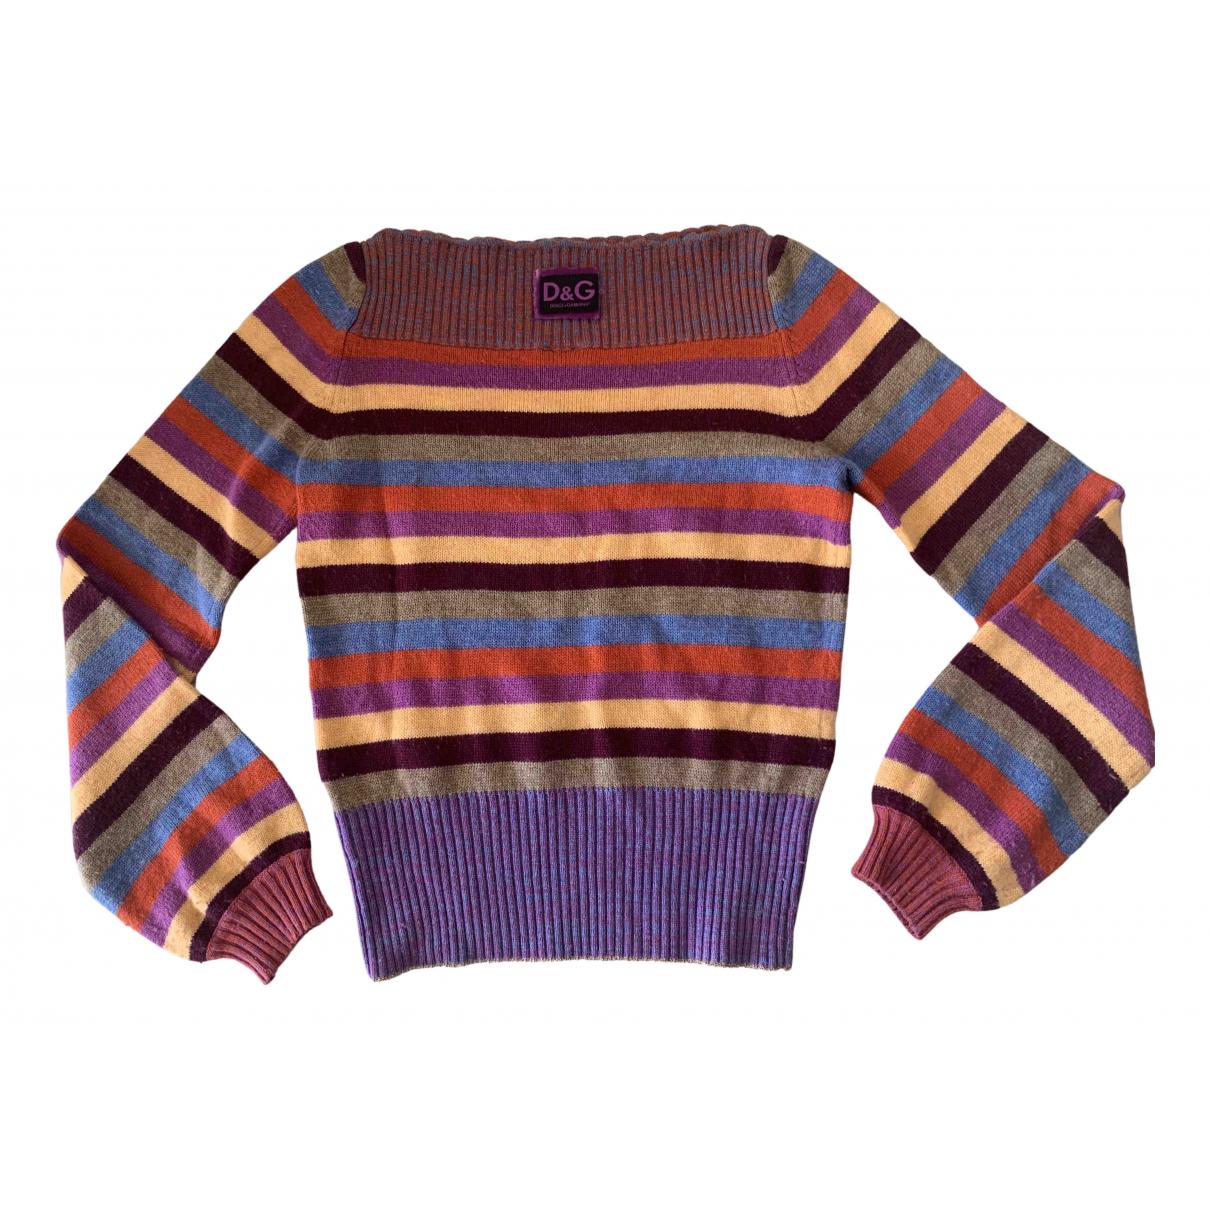 D&g - Pull   pour femme en laine